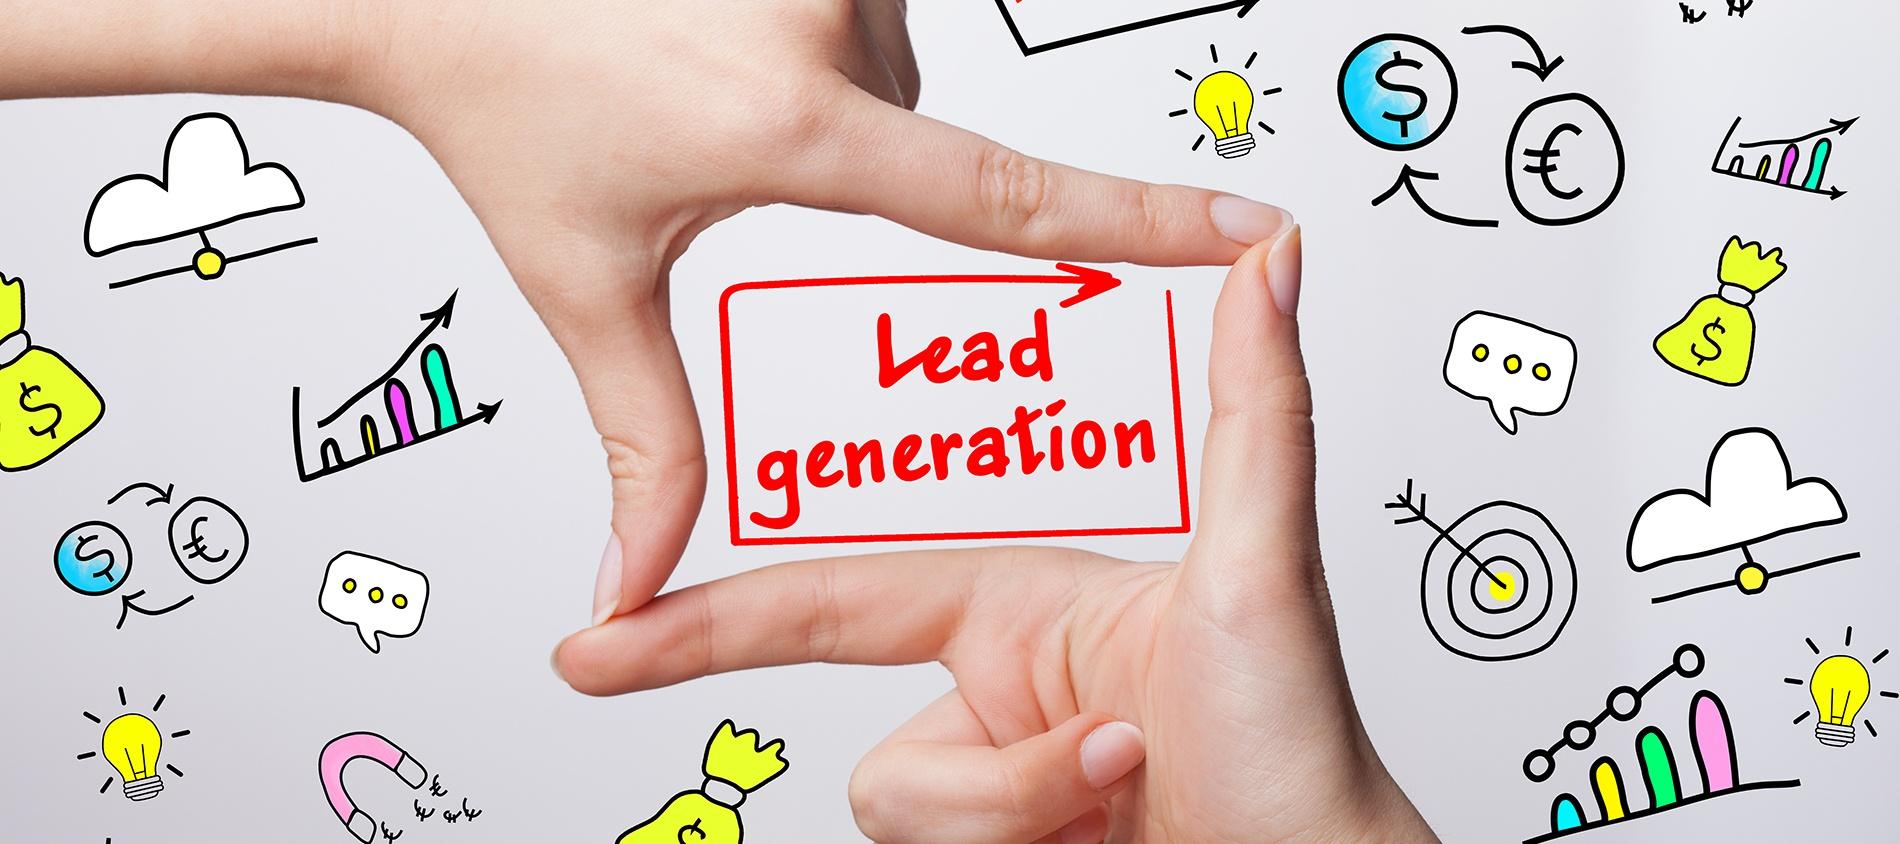 5 Pasos para generar leads calificados optimizando el diseño de tu web